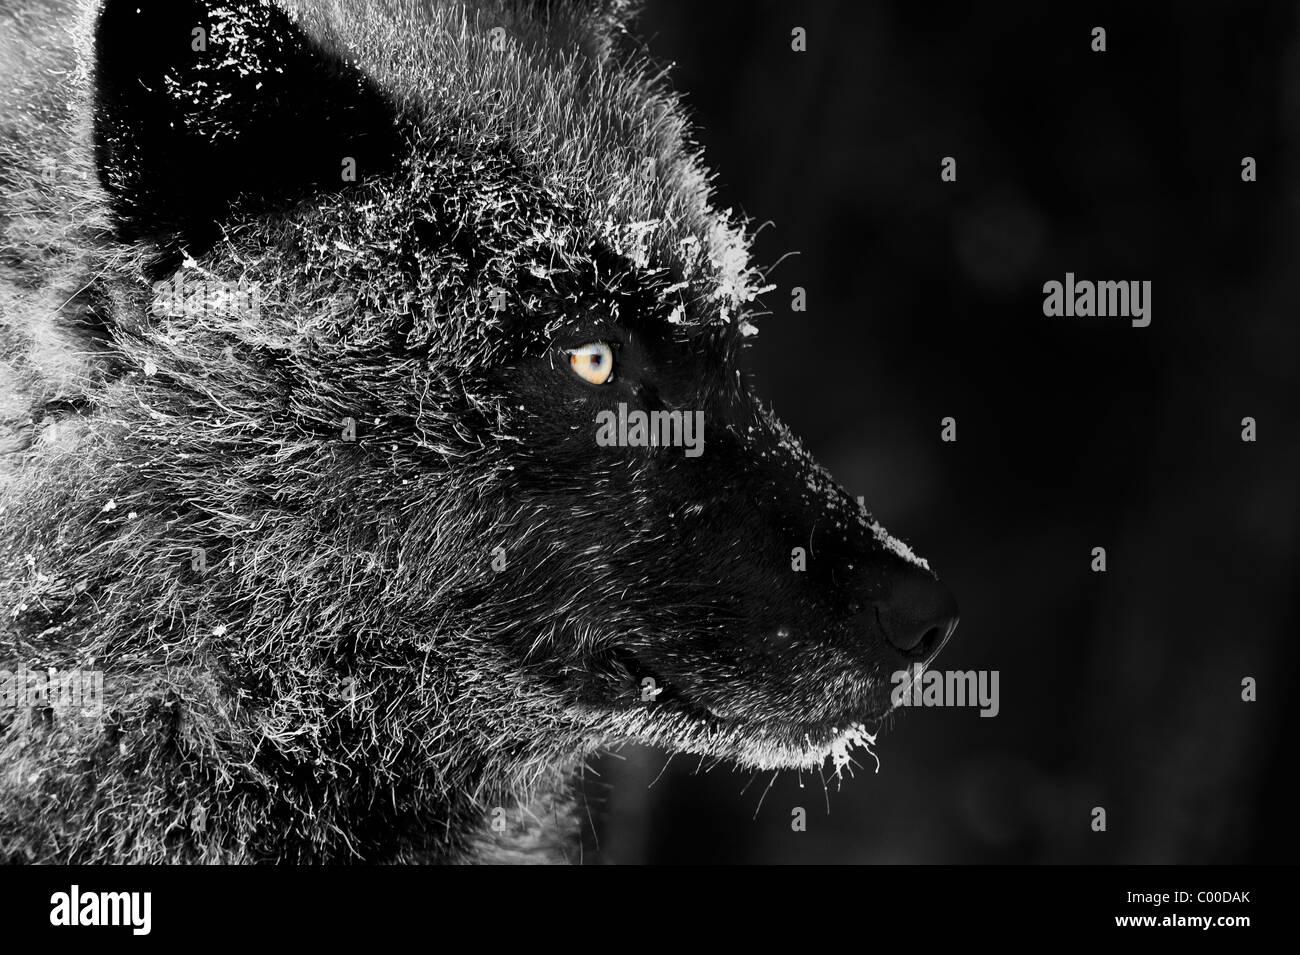 Un loup noir avec profil visage couvert de gel à partir de la fourrure d'un soir d'hiver froid dans le Northwoods Banque D'Images